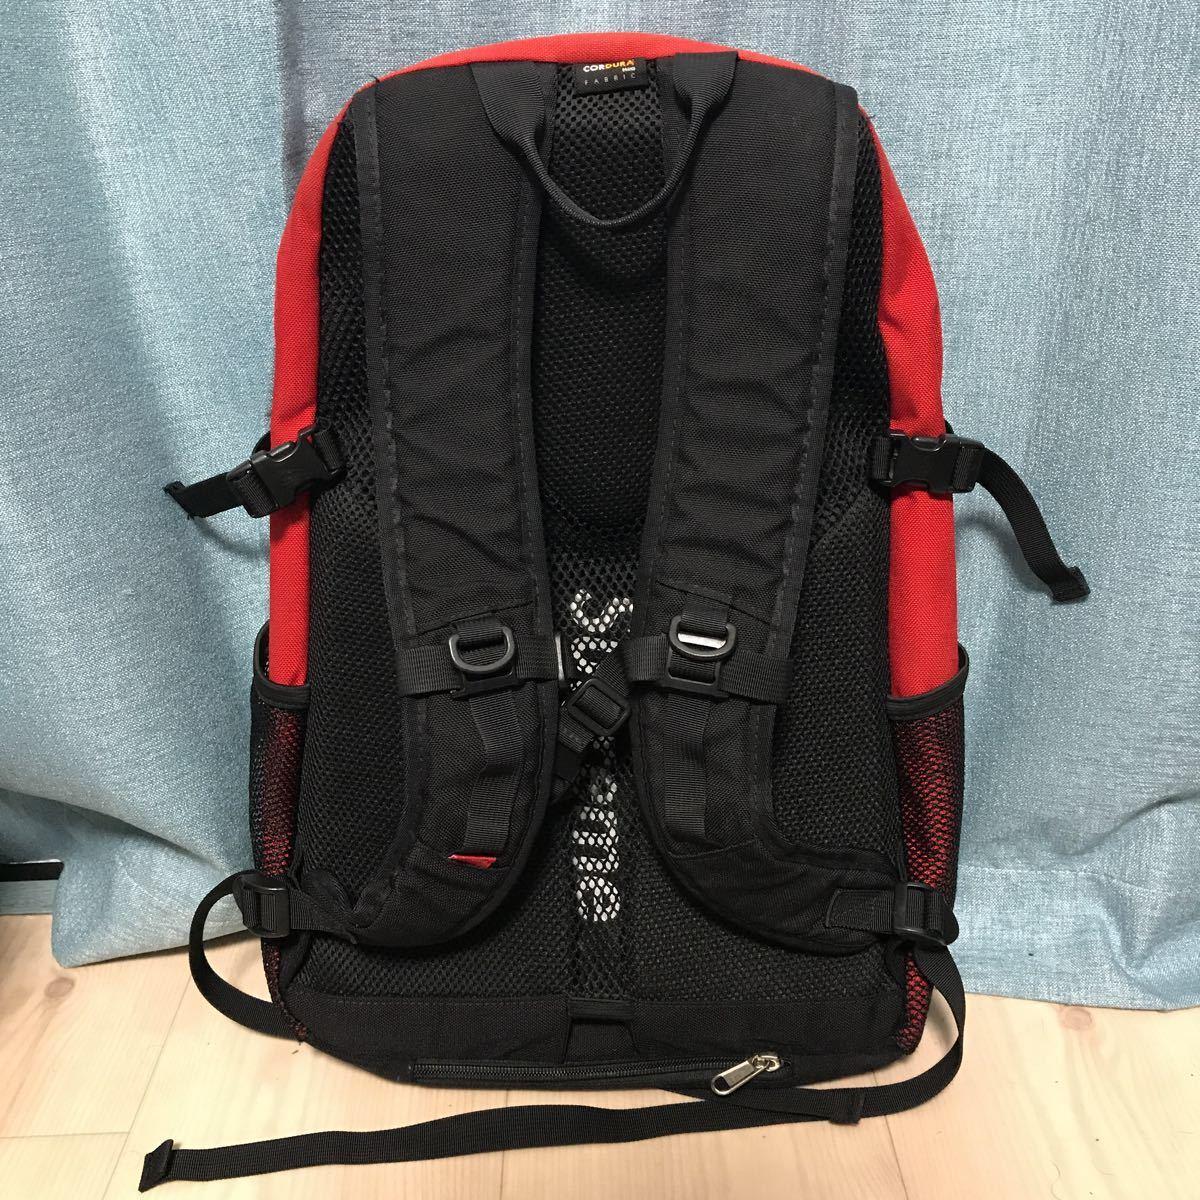 美品 Supreme 15SS Backpack シュプリーム バックパック リュック カバン 鞄 バッグ Bag レッド 赤 Red レインカバー付き_画像2